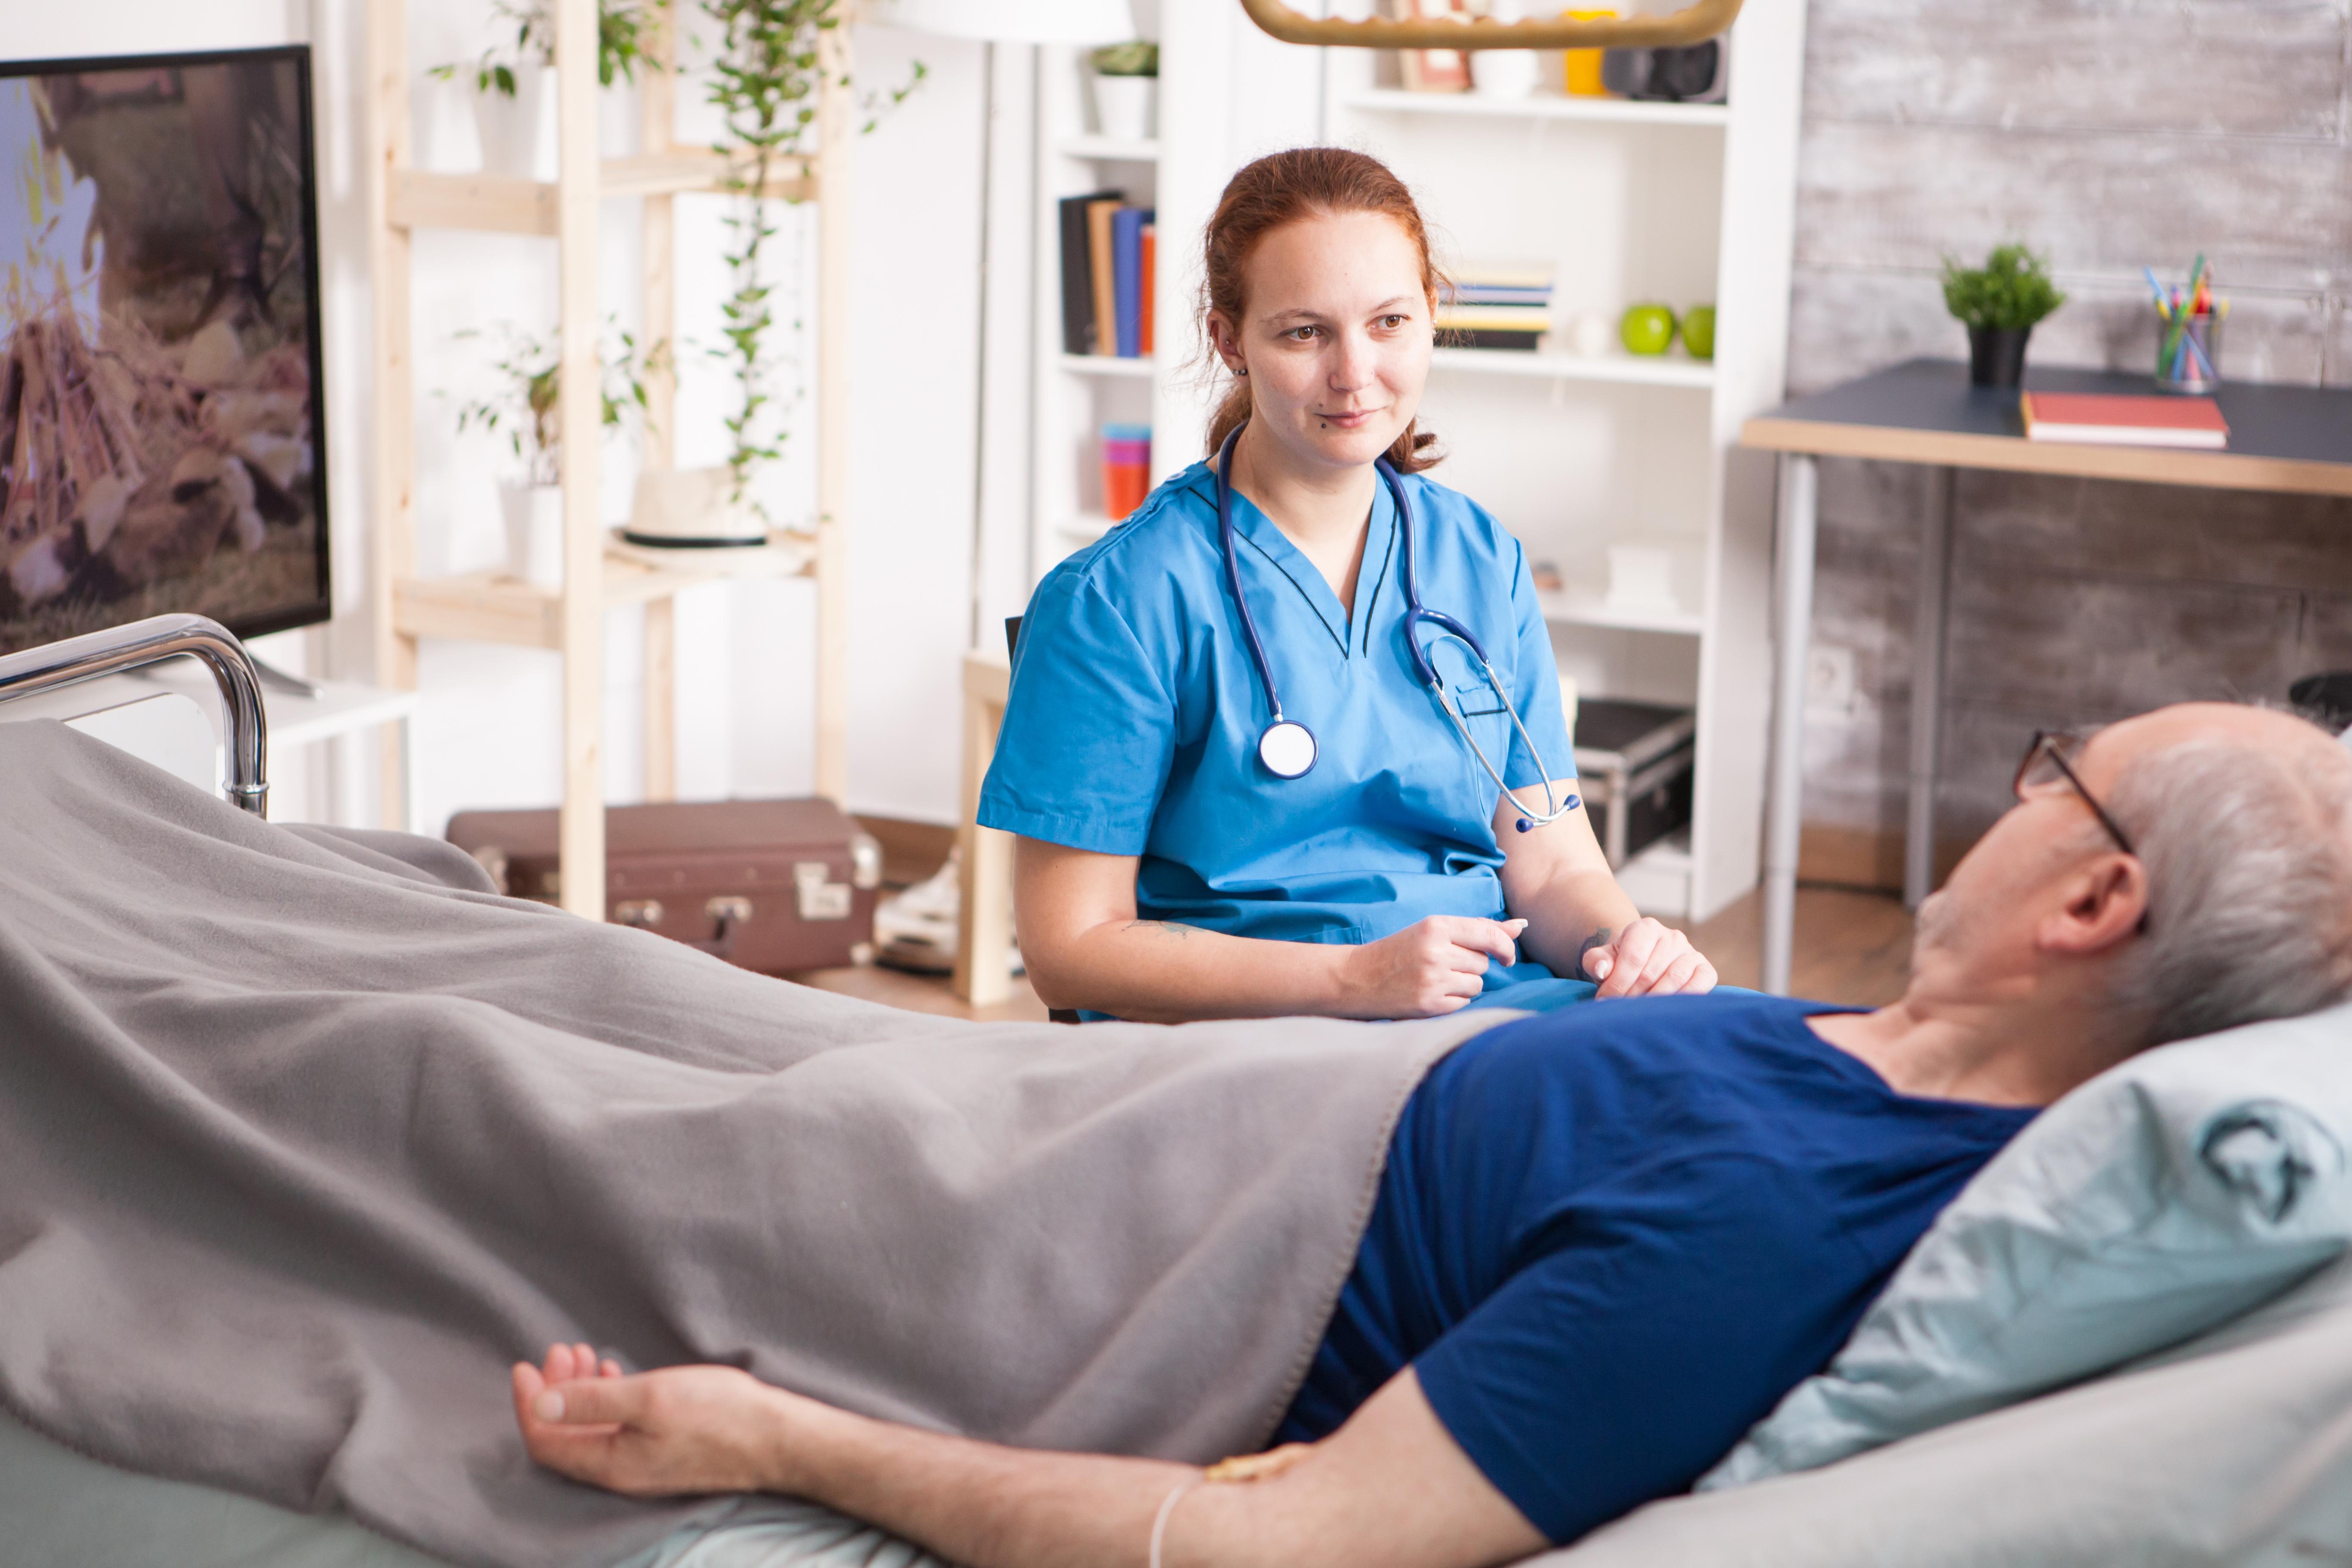 Jaki sprzęt zapewnia hospicjum w opiece paliatywnej? Warunki przyjęcia do hospicjum stacjonarnego.